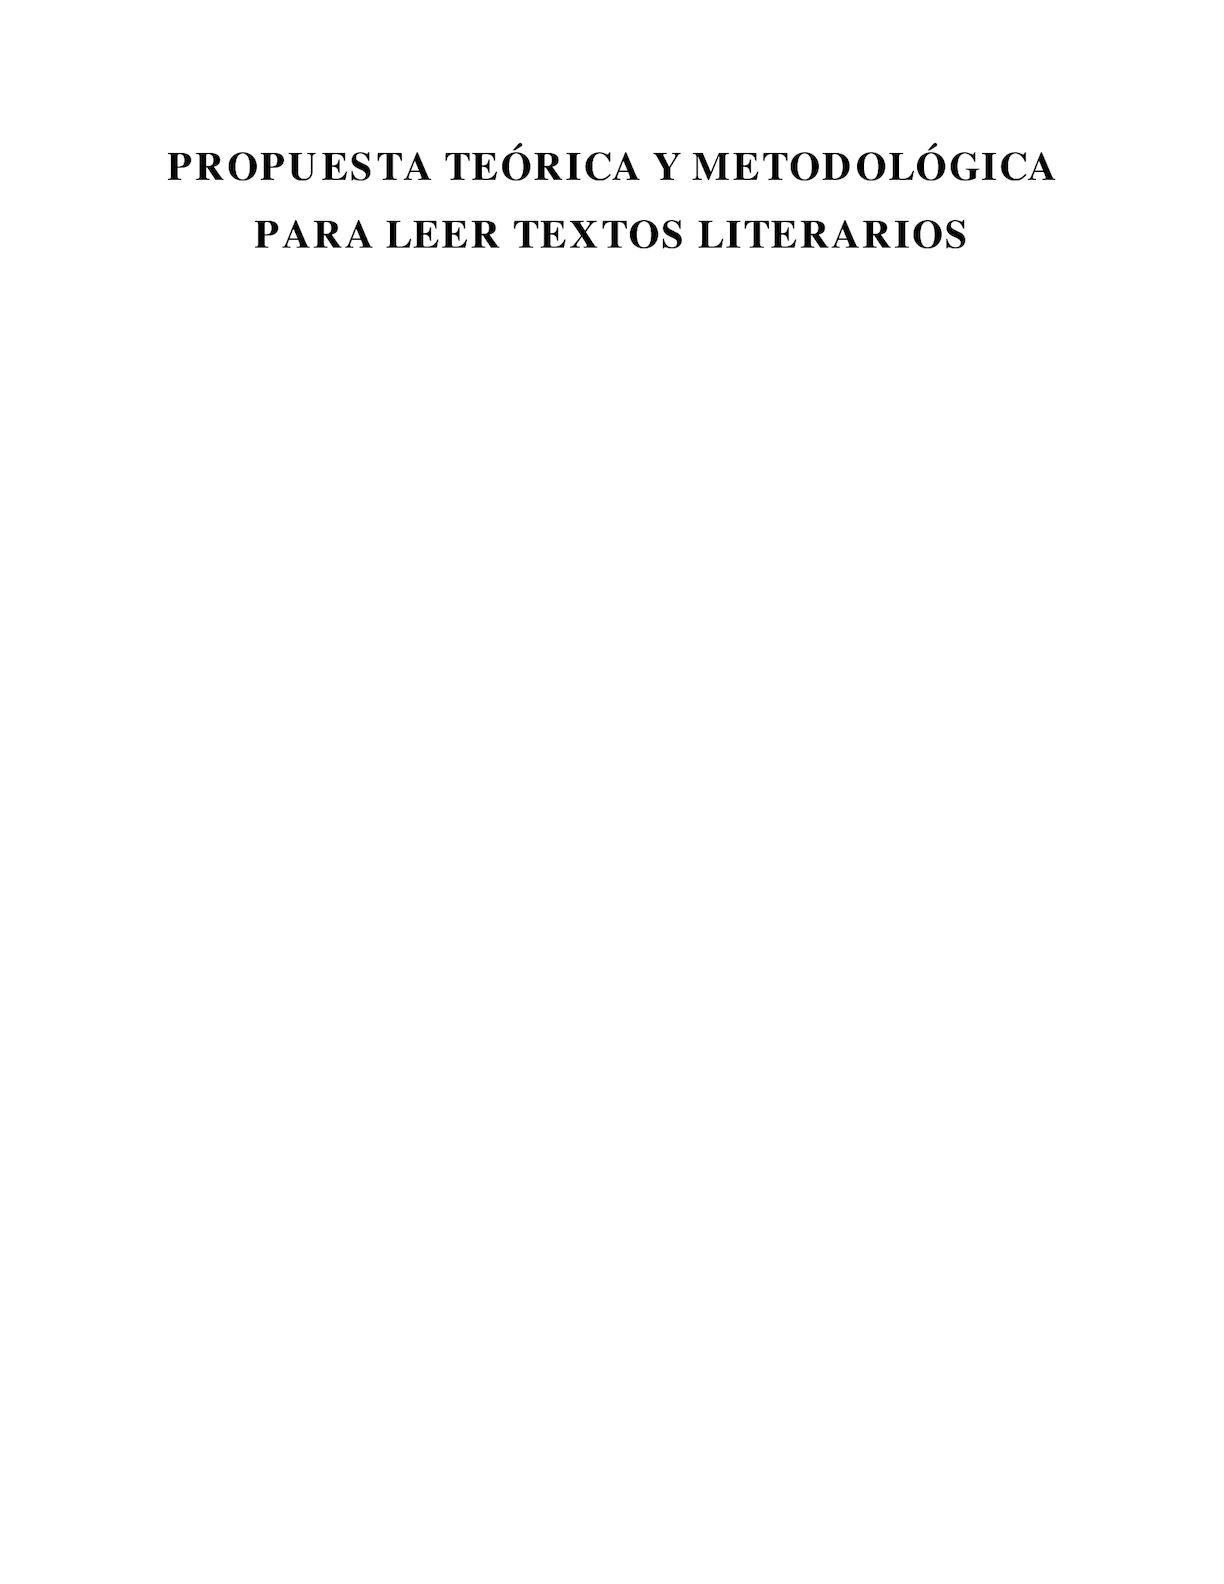 mujeres y hombres y viceversa m estereotipo literario